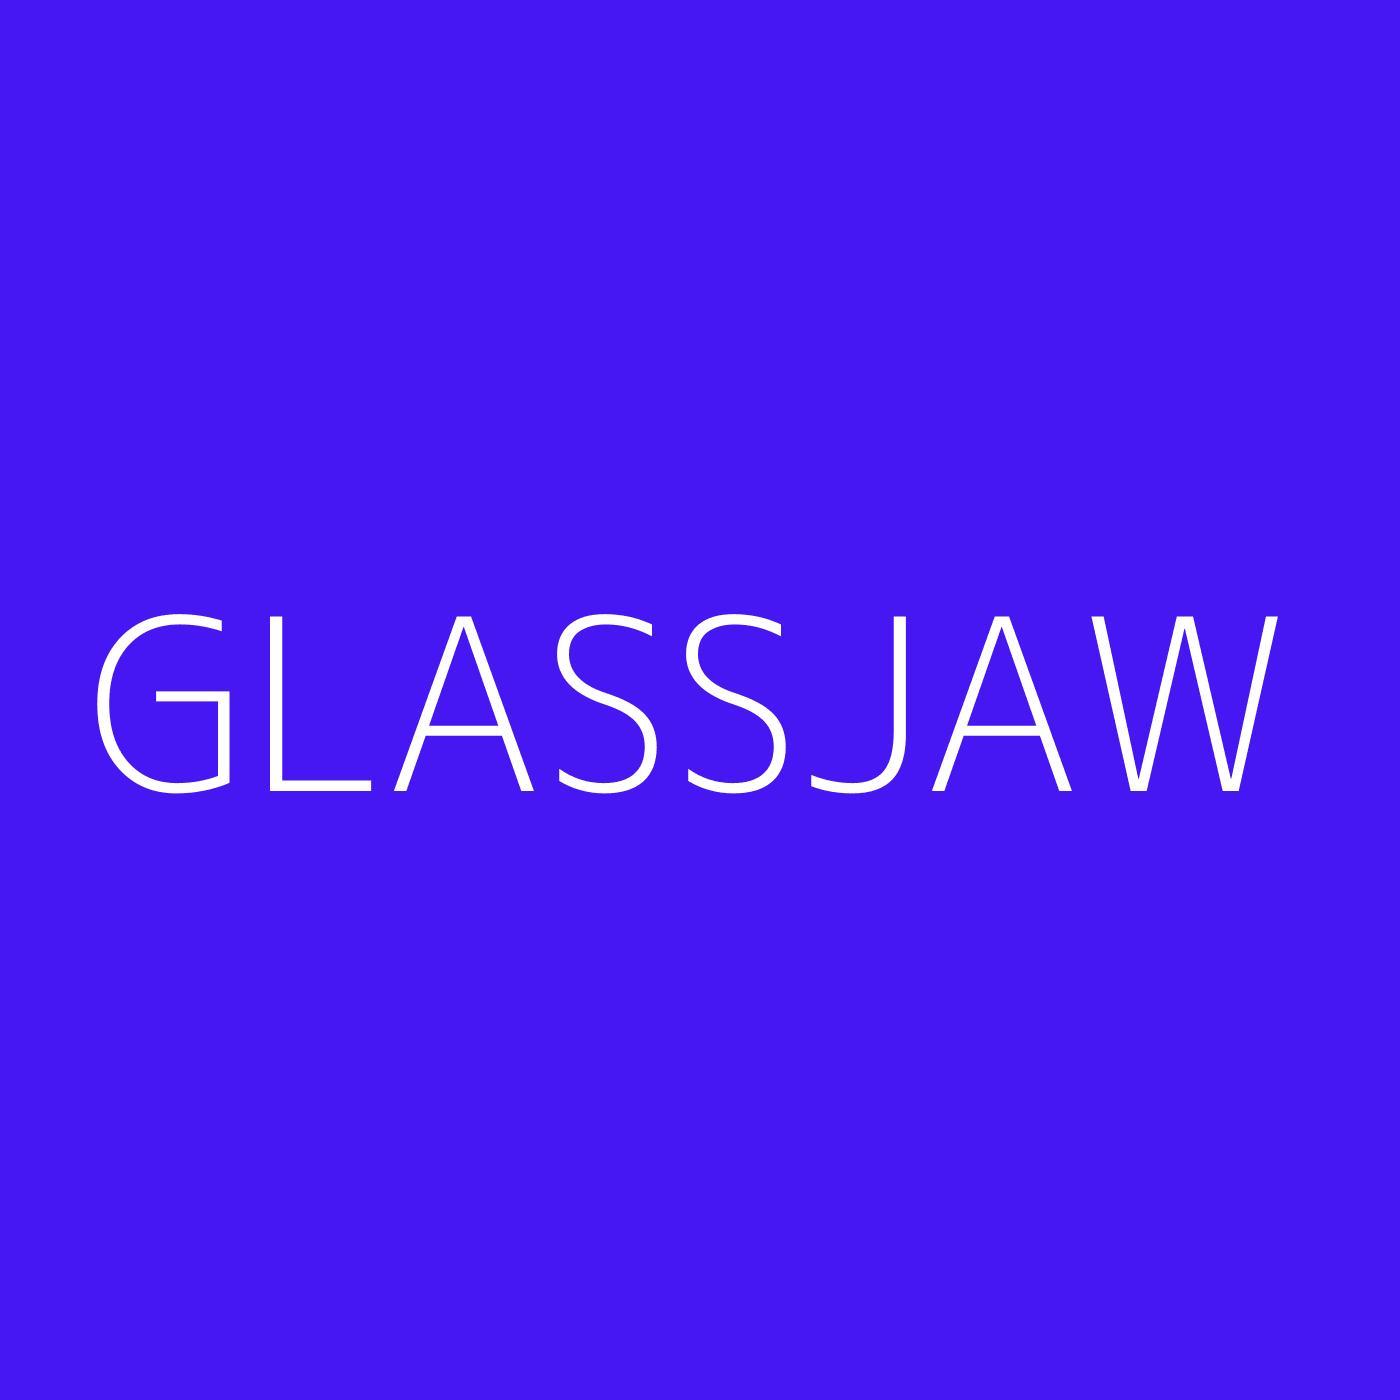 Glassjaw Playlist Artwork